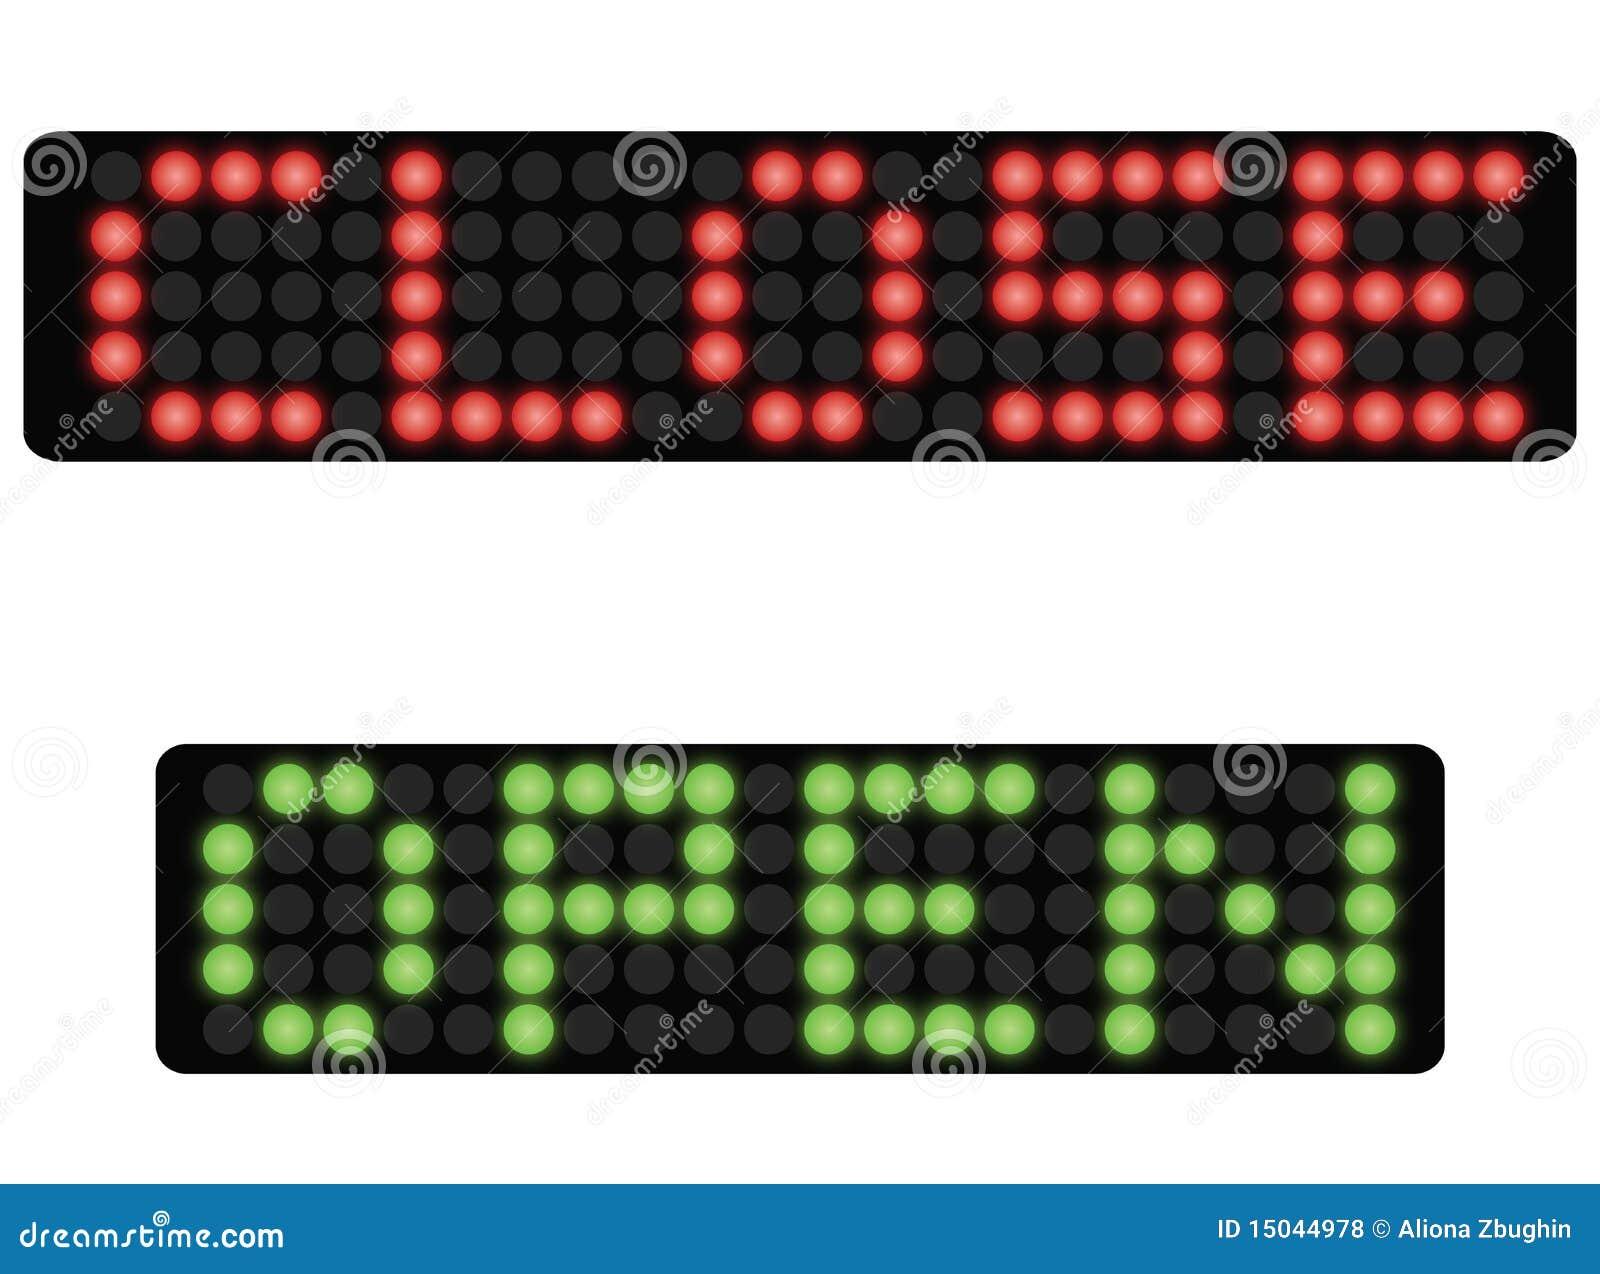 Punktematrixzeichenabschluß und öffnen sich